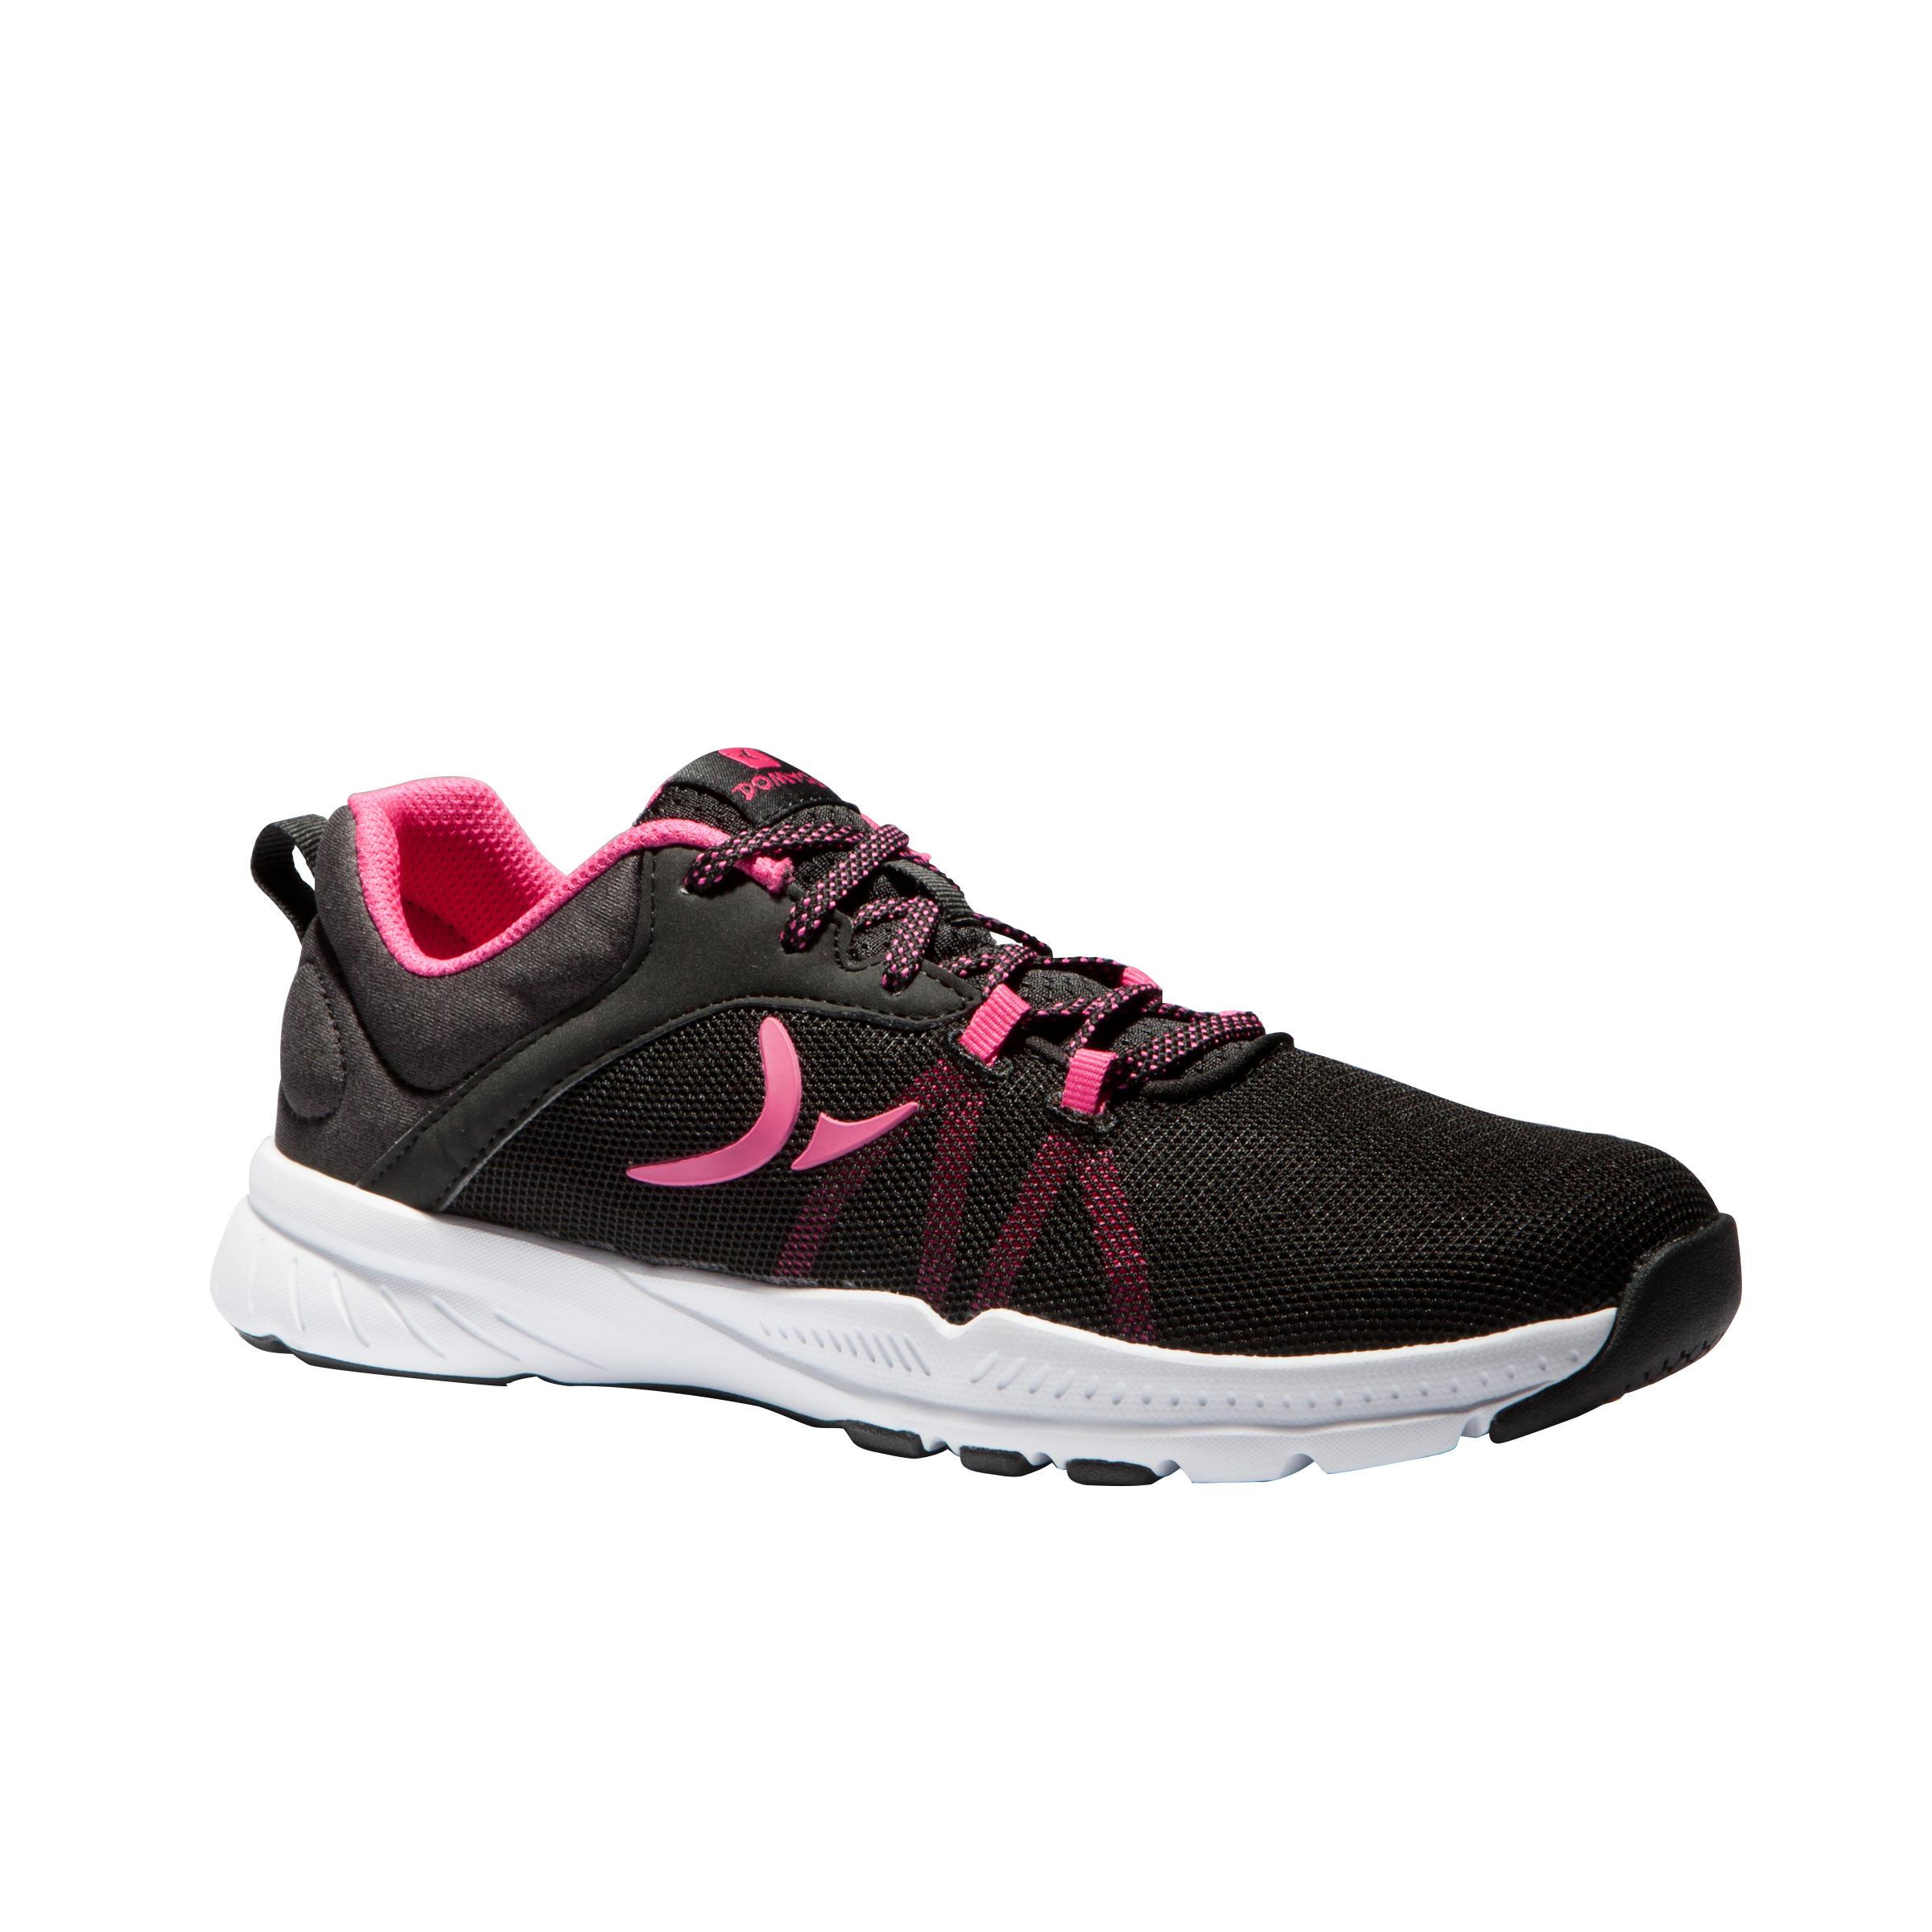 2170072 Domyos Fitnessschoenen Cardio 100 voor dames zwart en roze